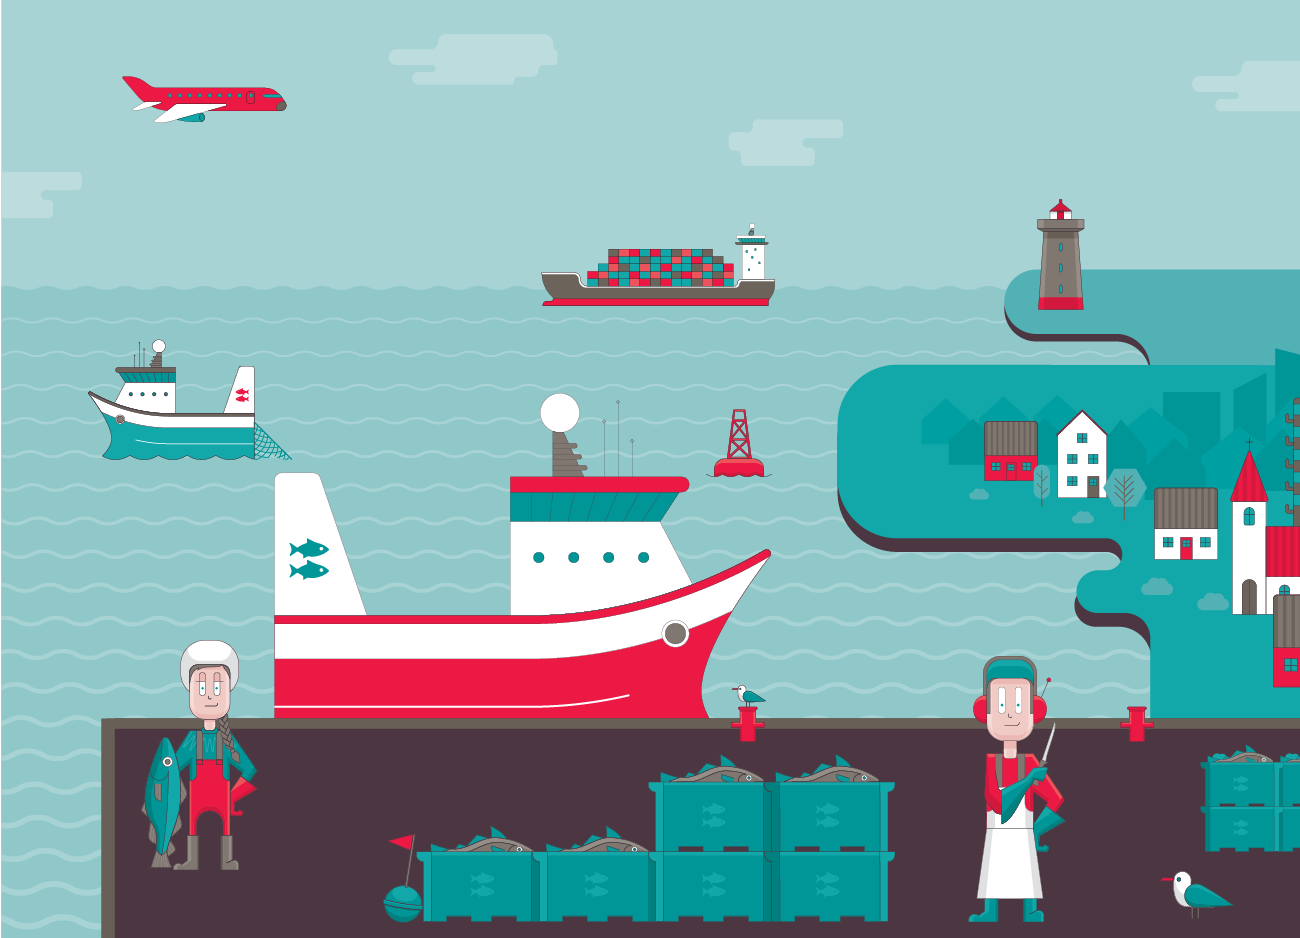 Íslandsbanki fishing industry illustration